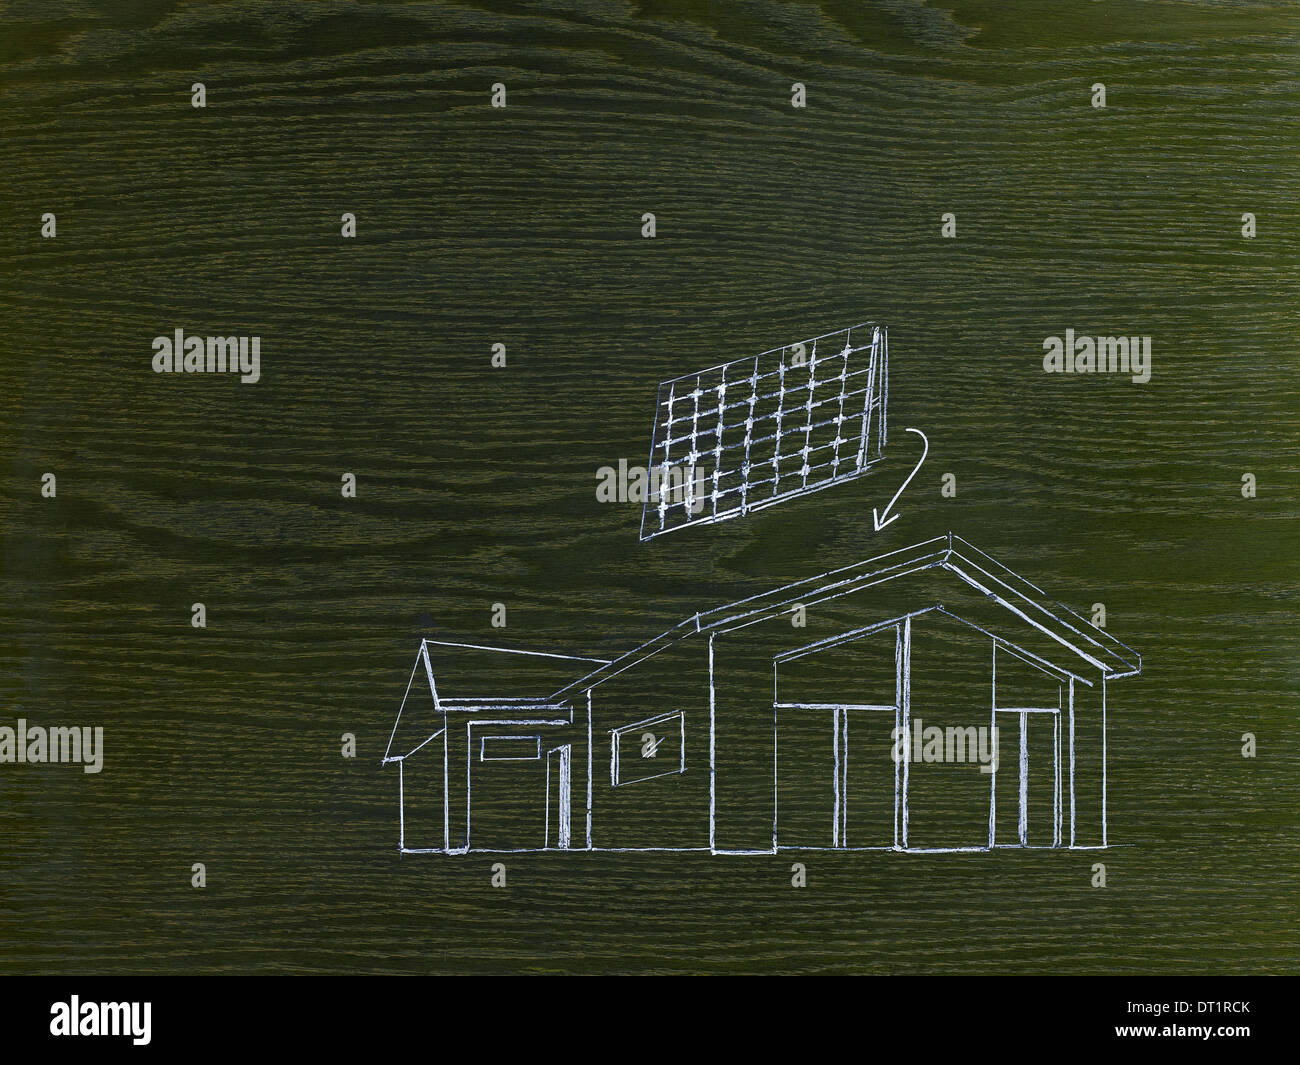 Un dibujo de línea imagen en madera de grano verde un proyecto de construcción de una casa con paneles solares para el techo Imagen De Stock